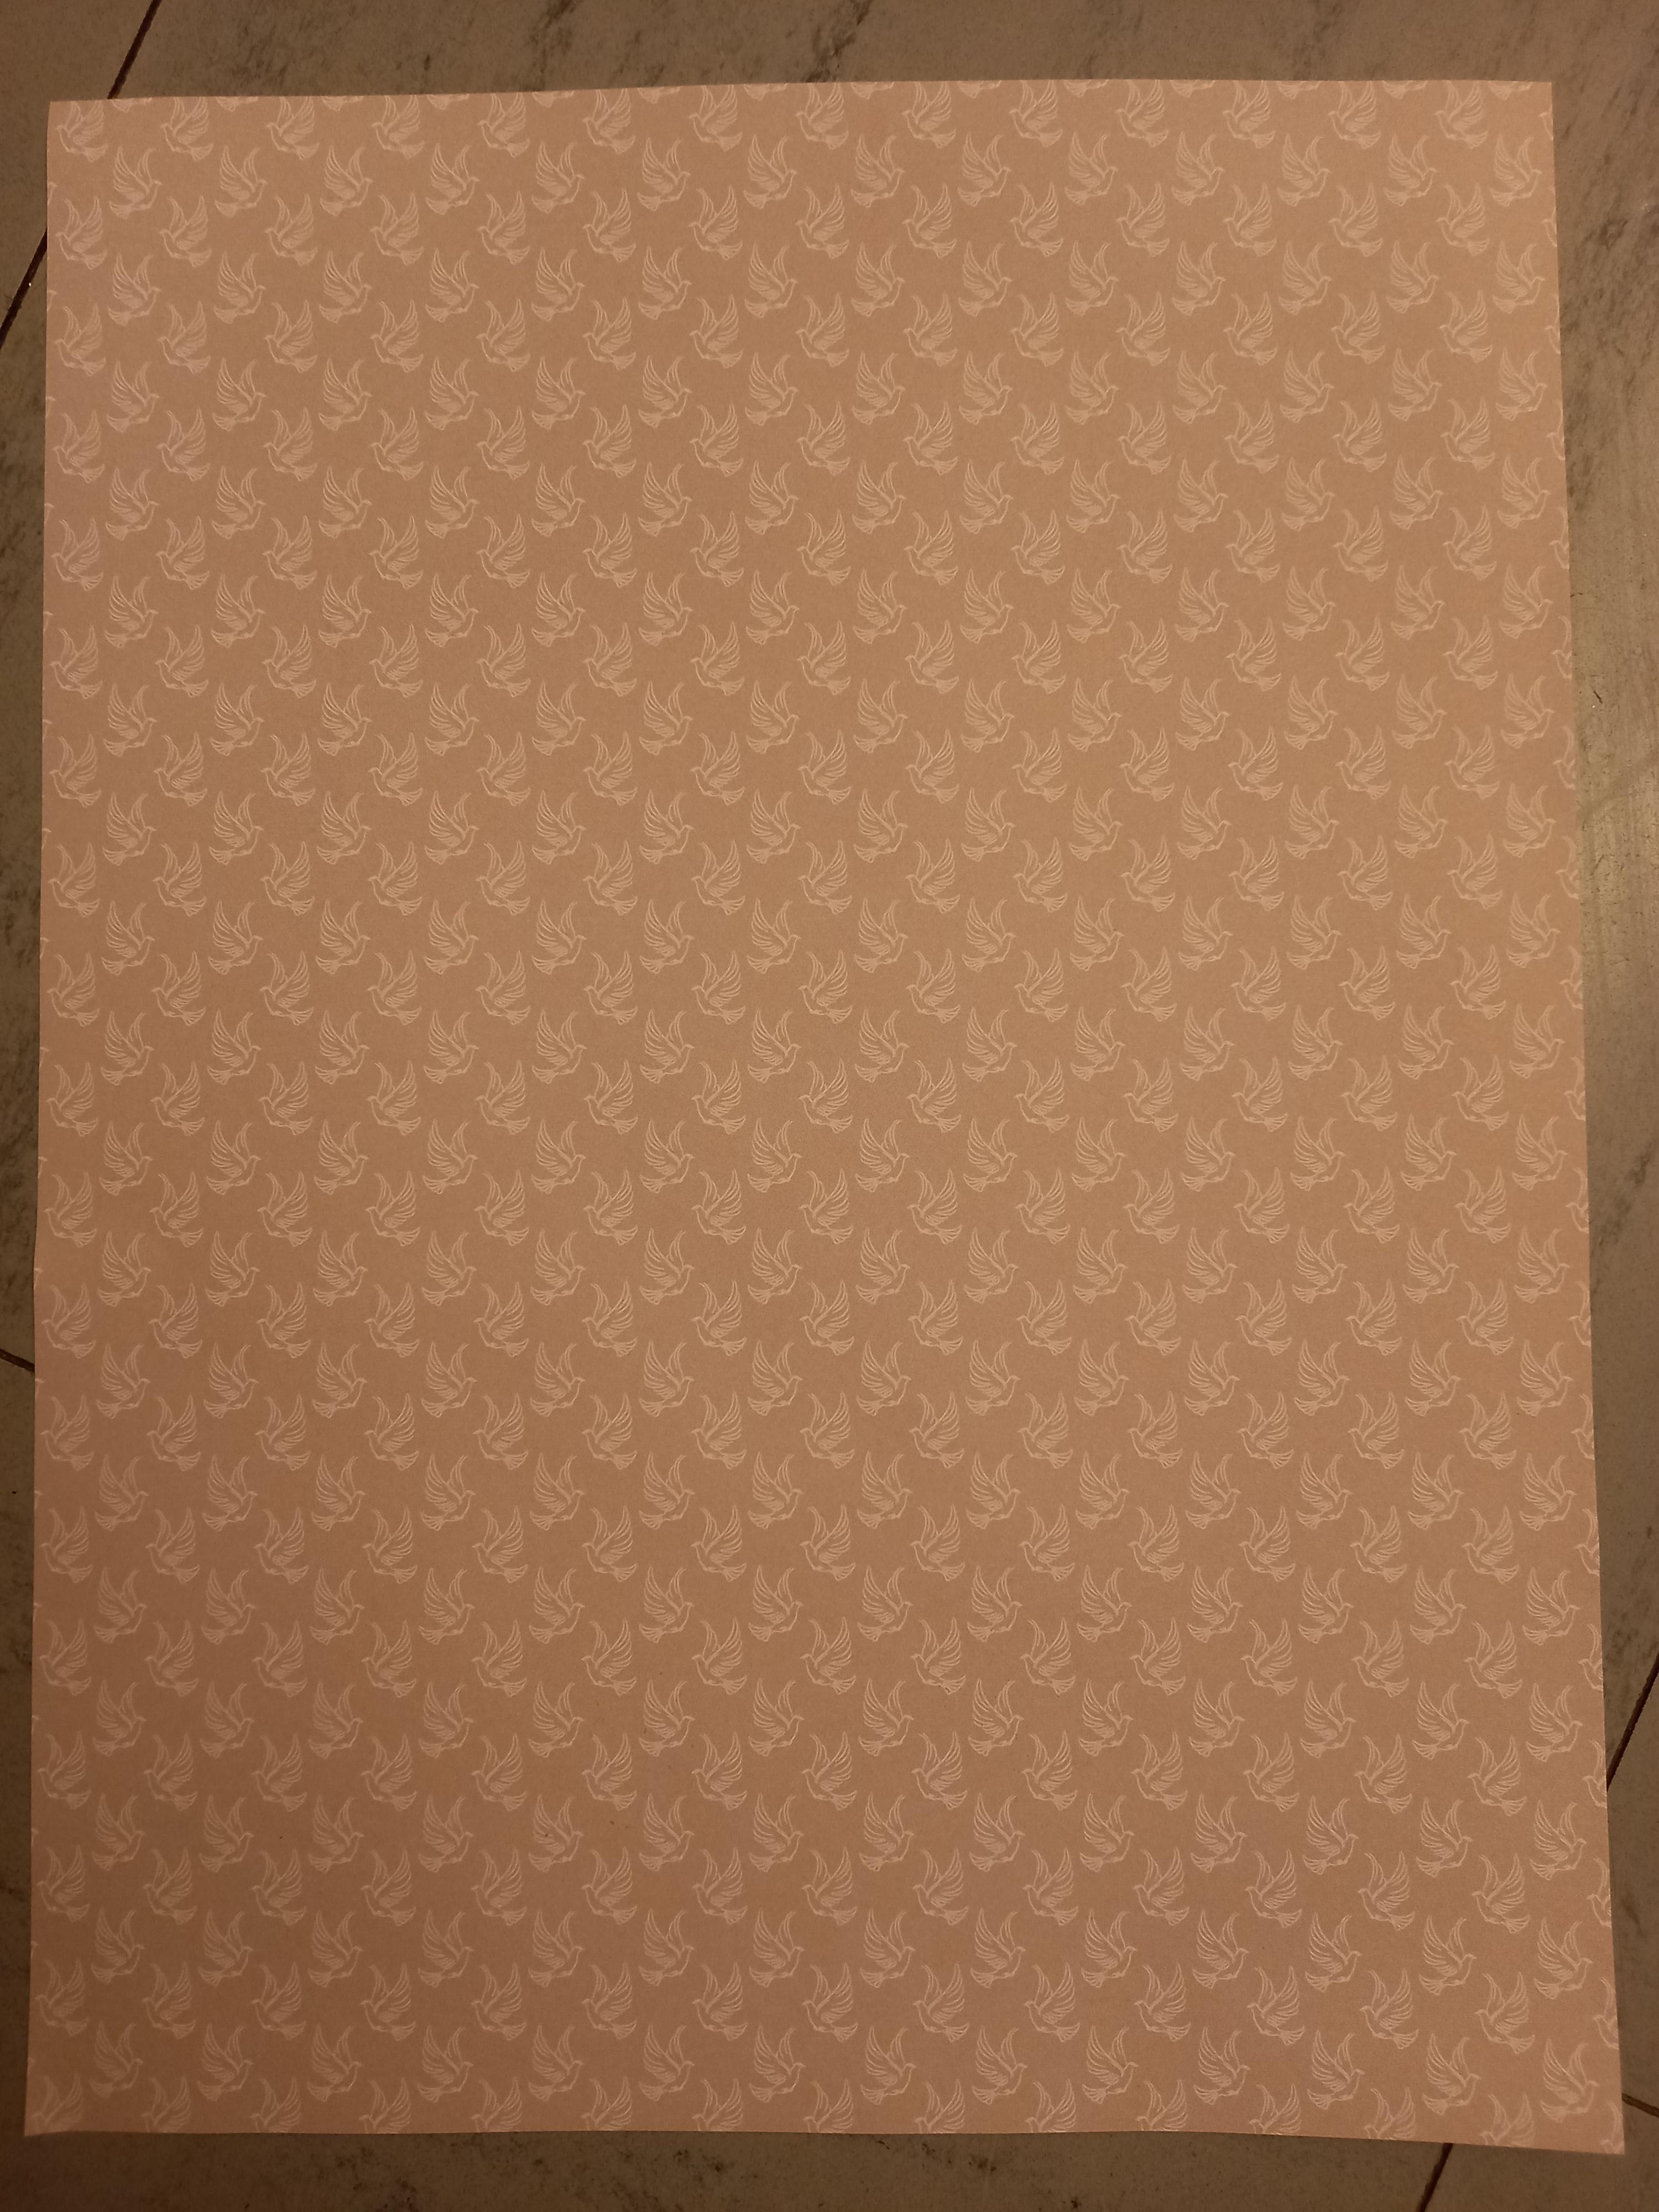 troc de troc papier créatif. image 0